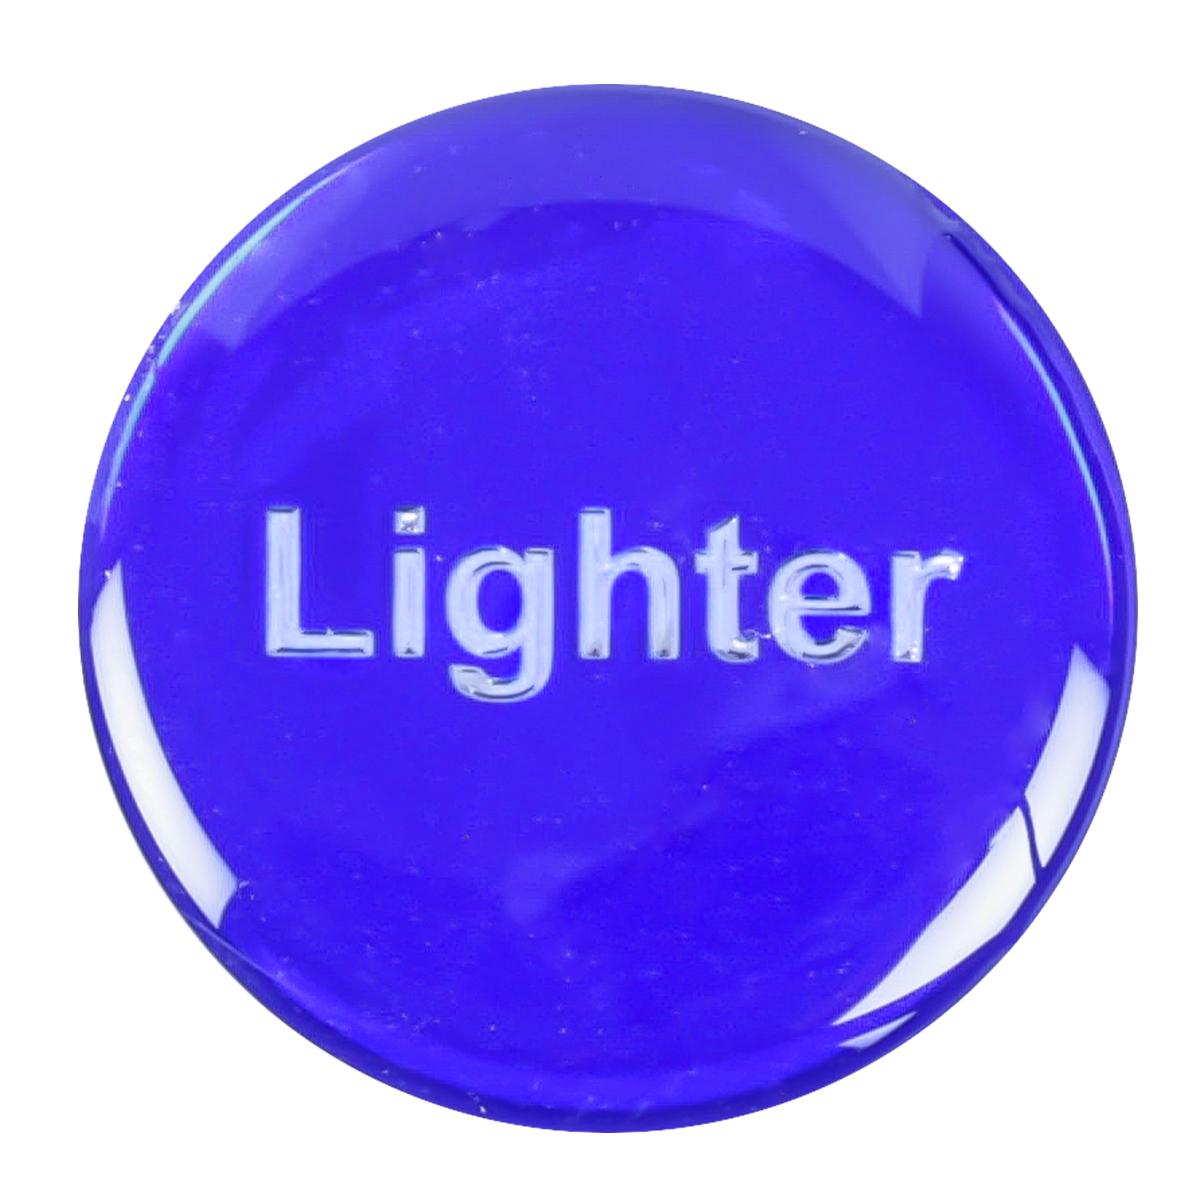 96651 Blue Sticker for Cigarette Lighter